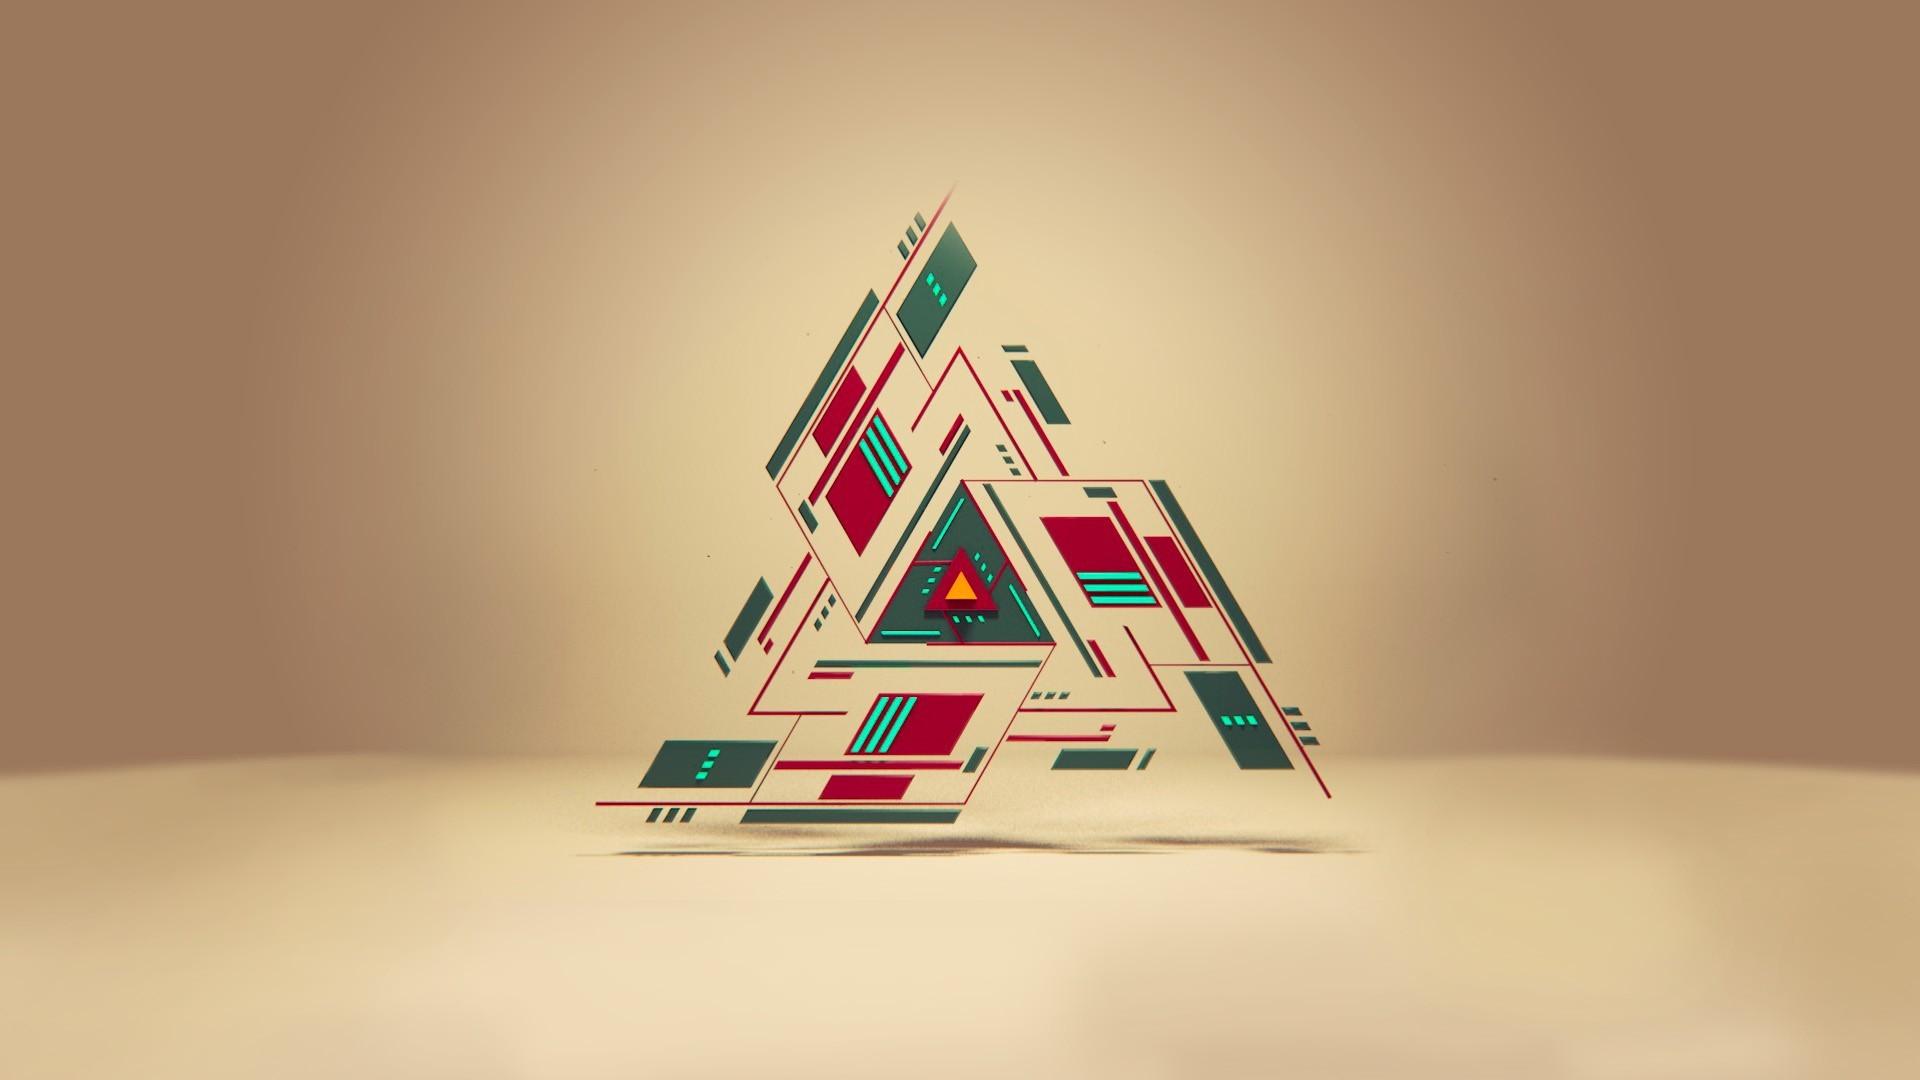 abstract hd desktop wallpaper